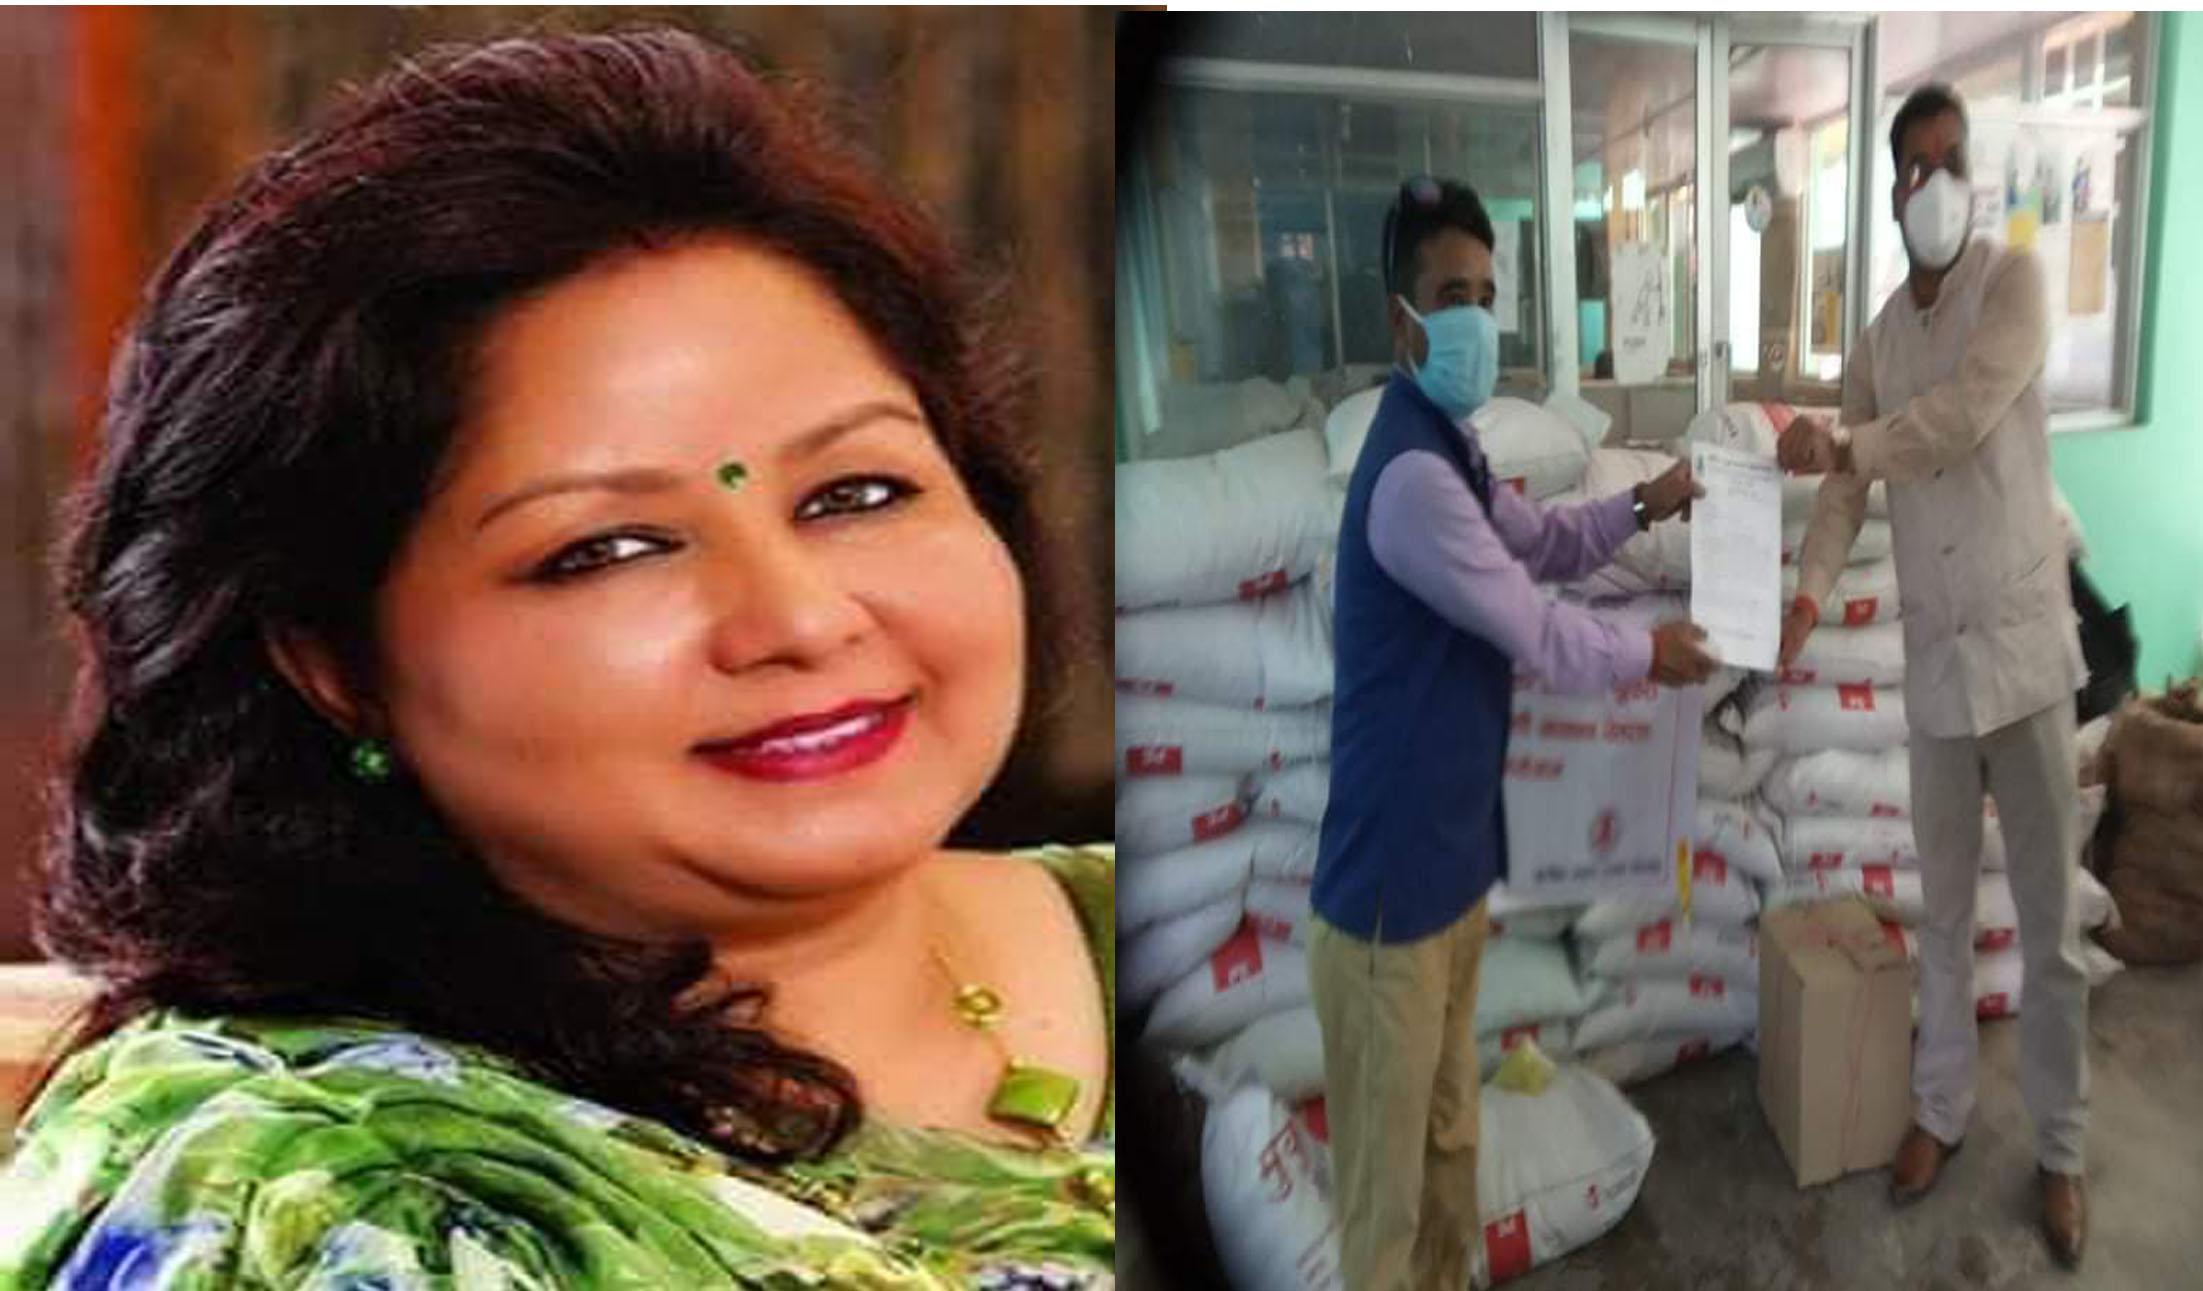 सुरक्षित मातृत्व संजाल महासंघ नेपालद्धारा बिपन्न गर्भवती तथा सुत्केरी महिलालाई खाद्य तथा पोषण सामाग्री हस्तान्तरण